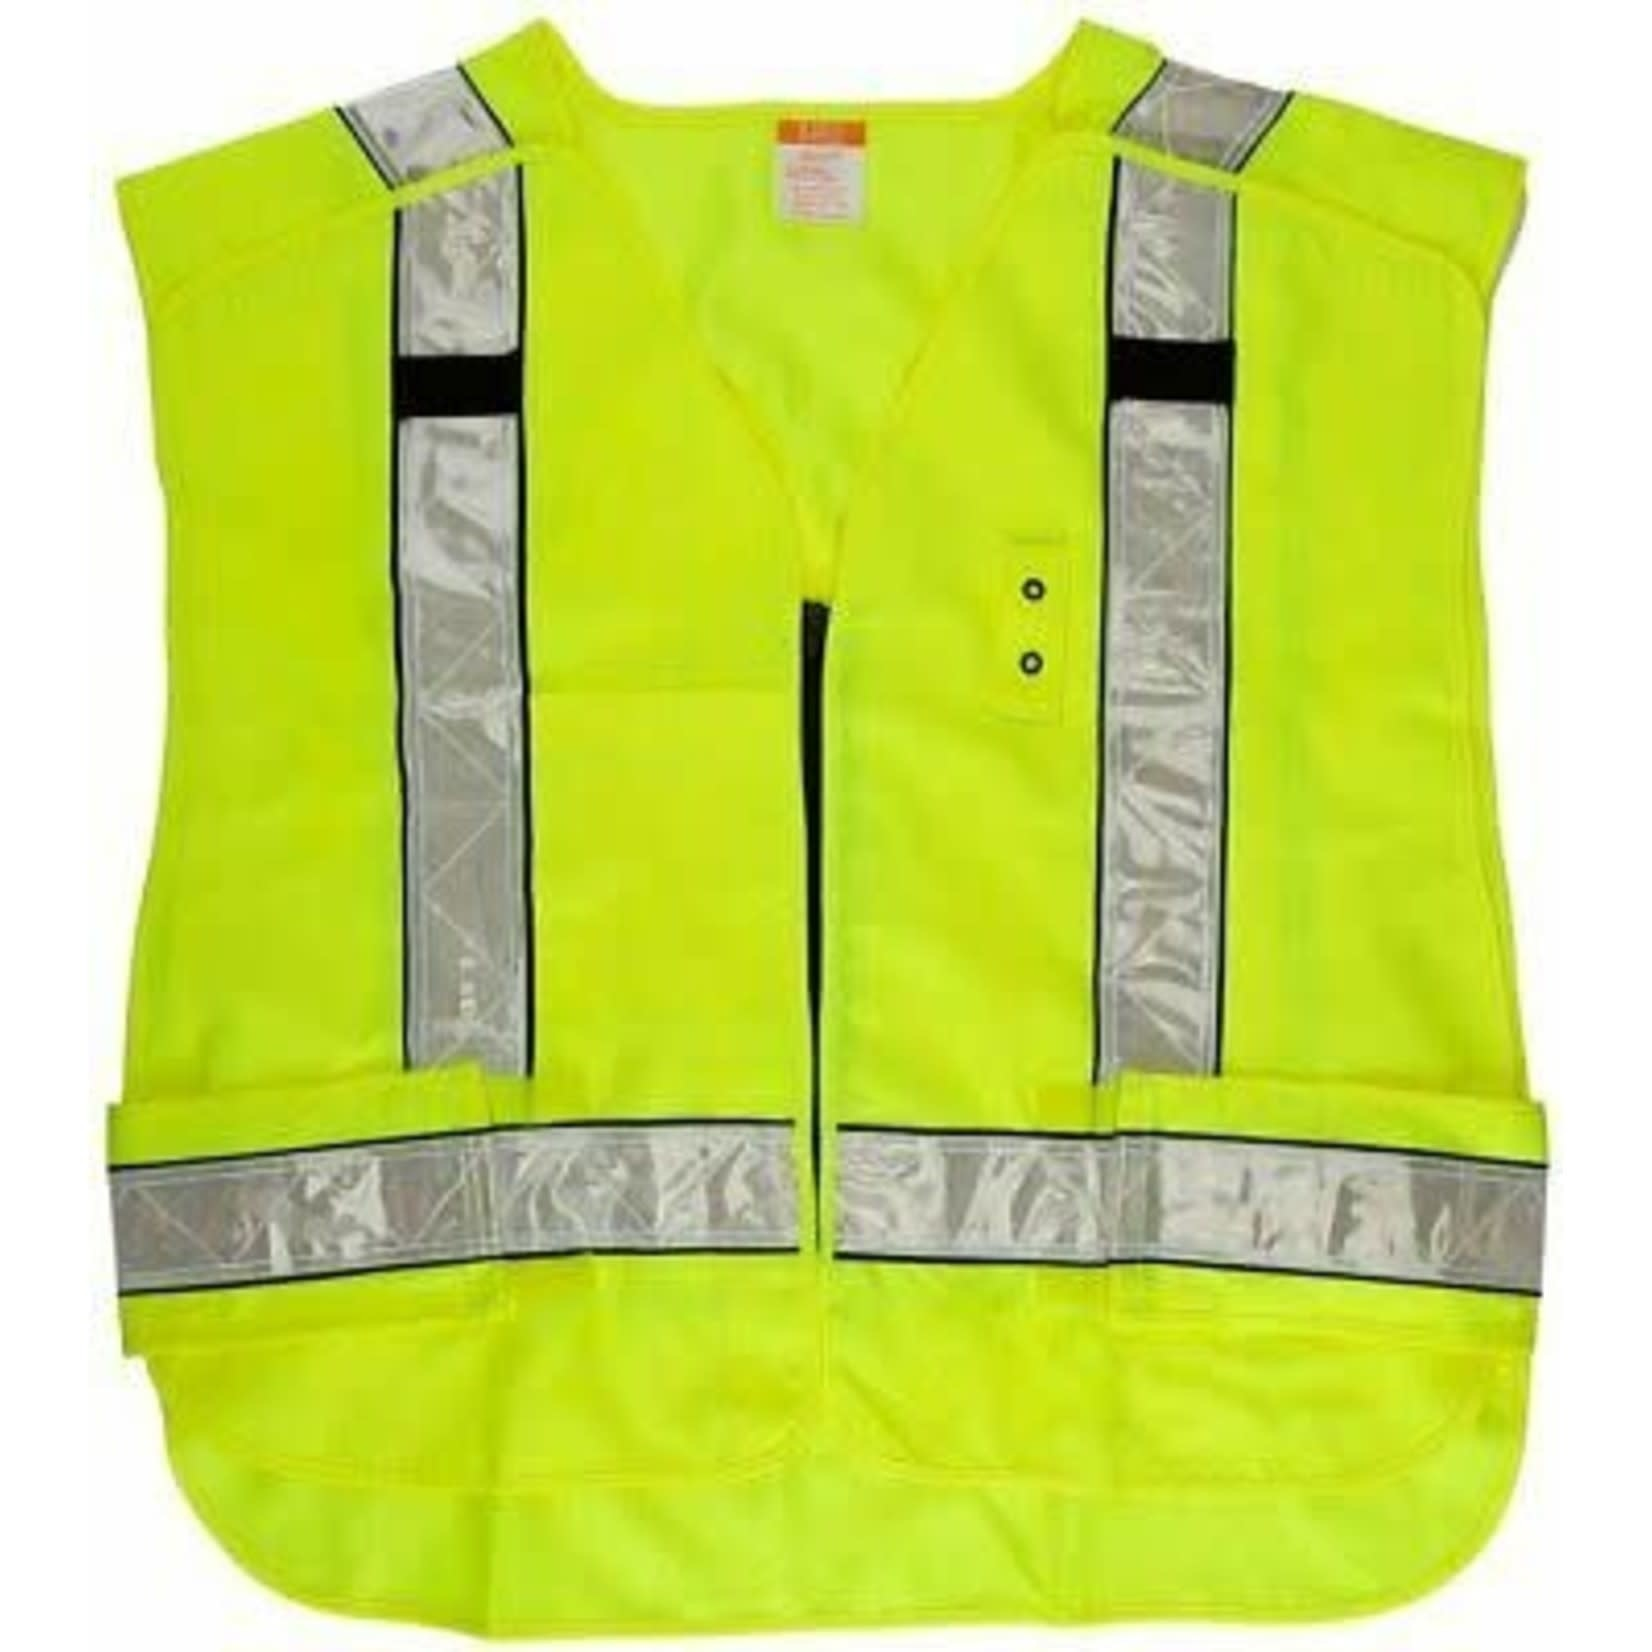 5.11 Tactical 5.11 5 Point Breakaway Vest High Vis